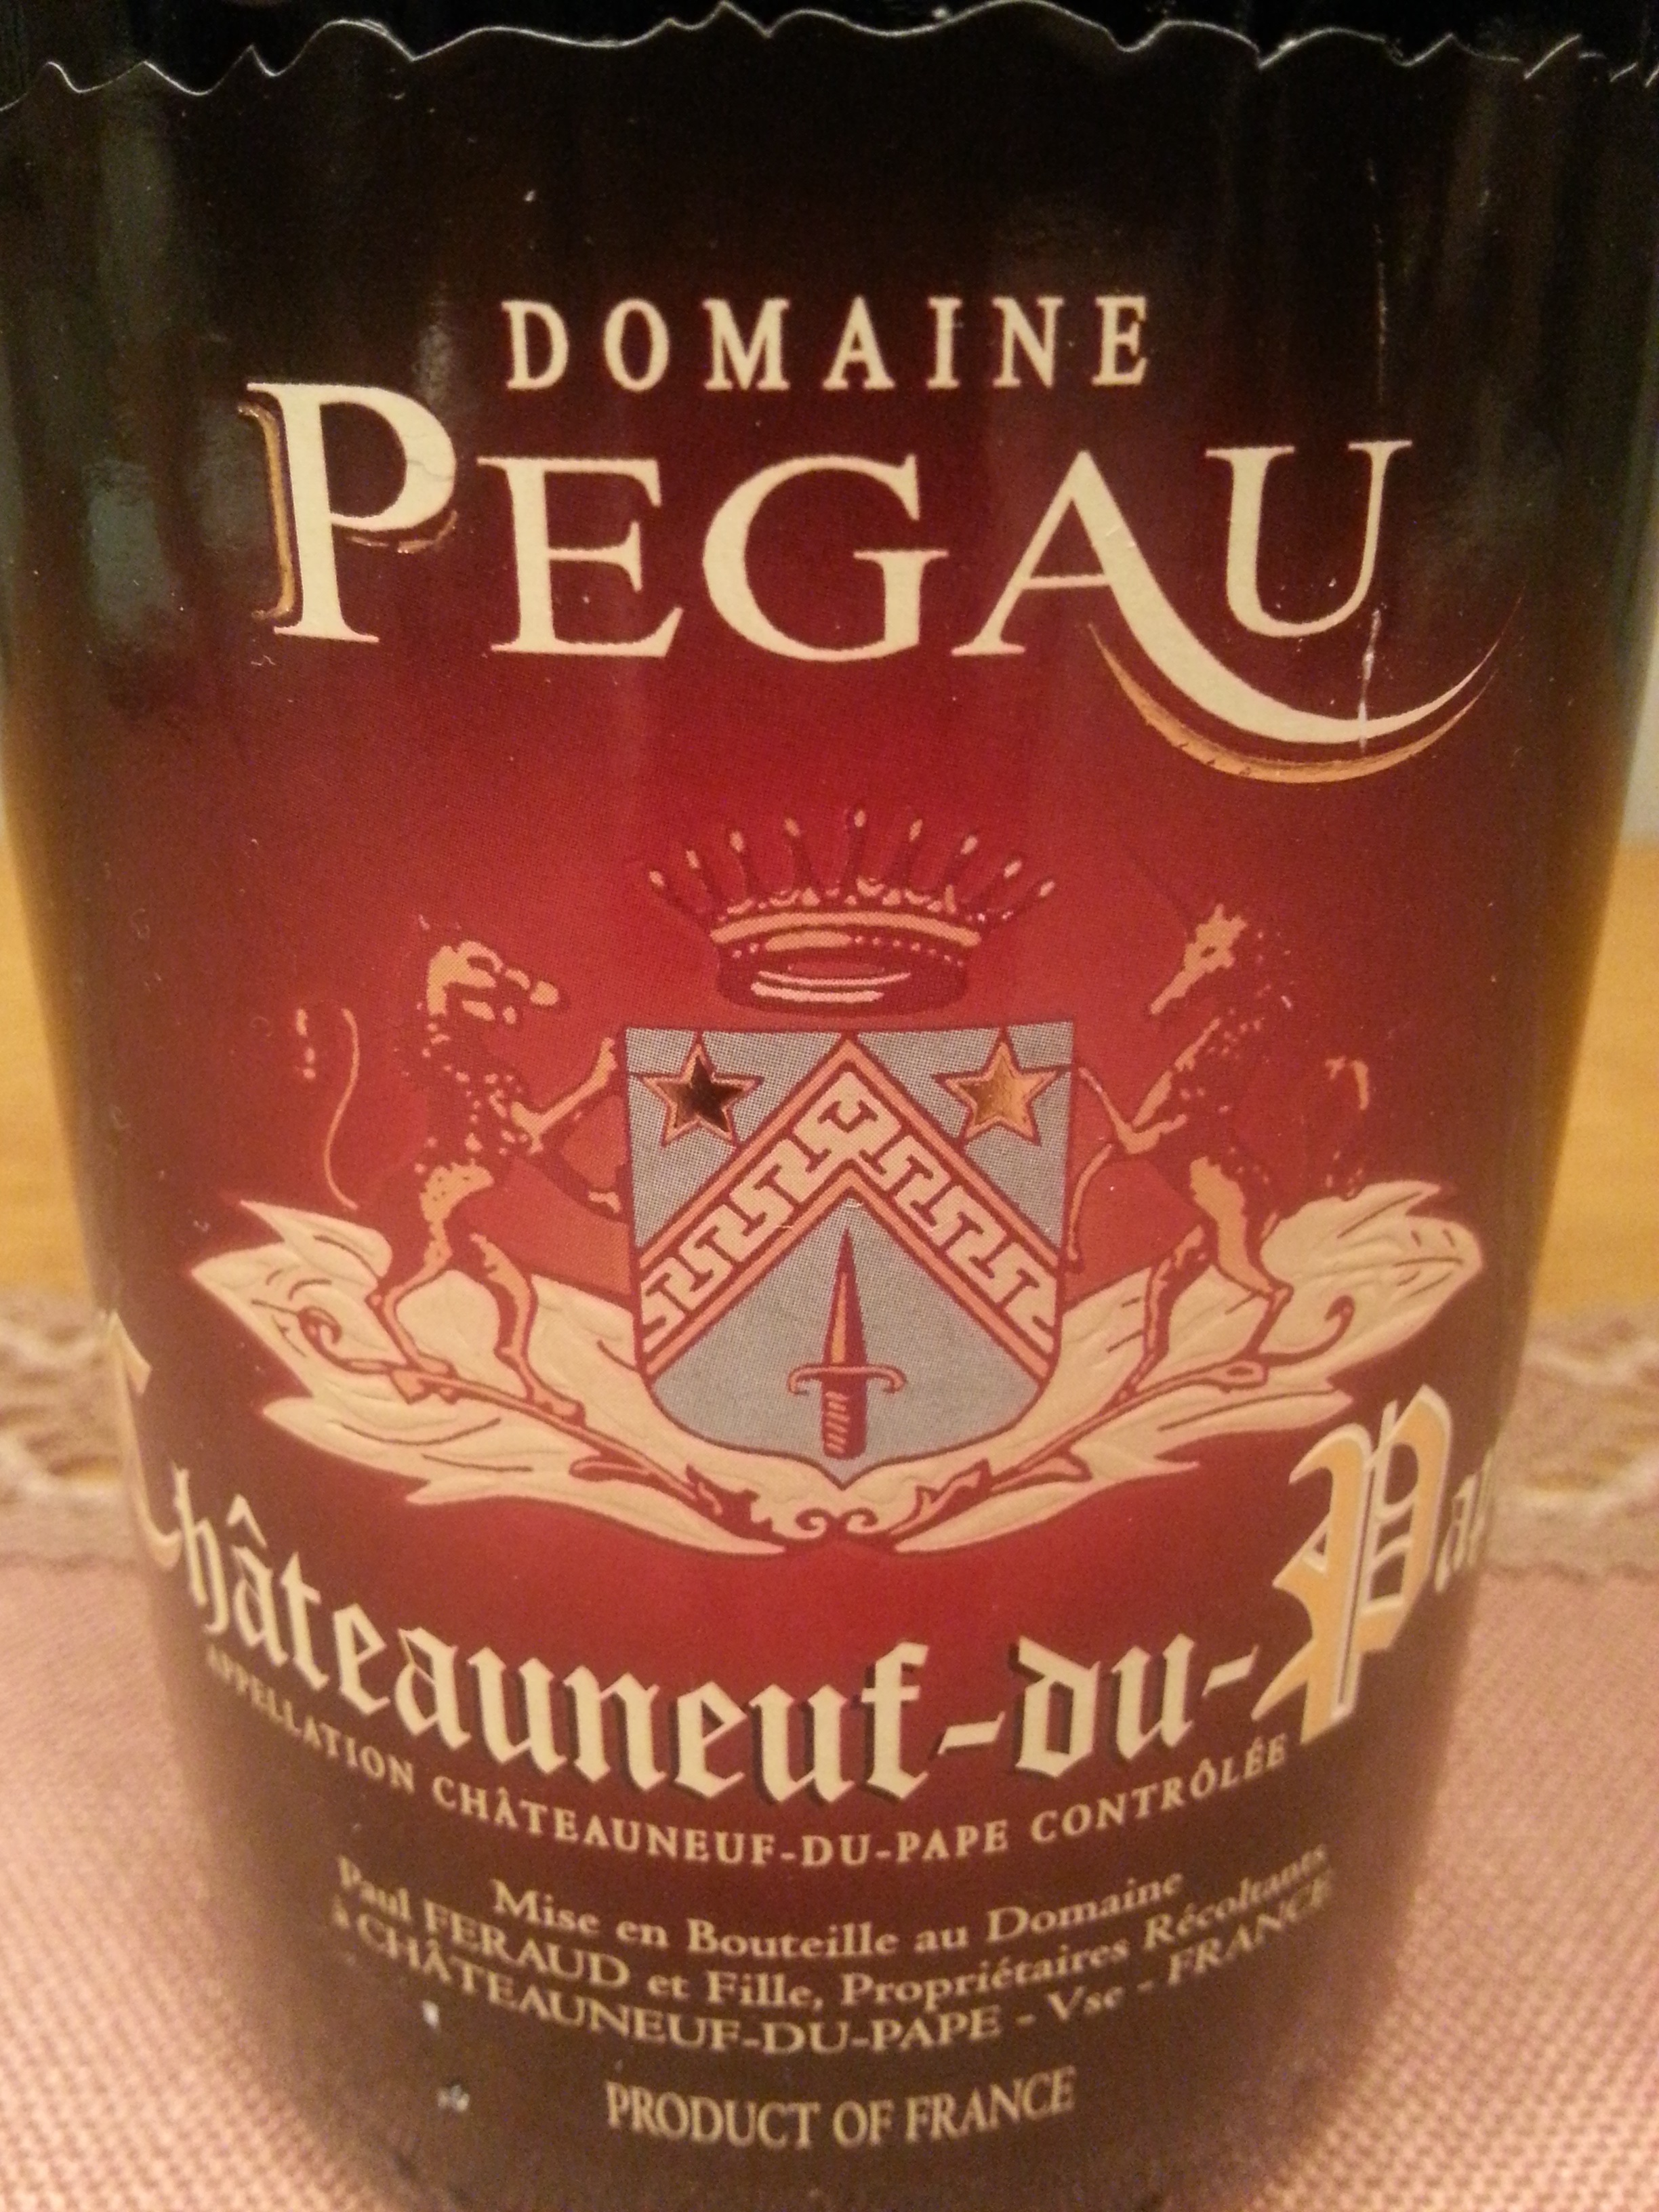 2007 Cuvée da Capo Châteauneuf-du-Pape | Pégau